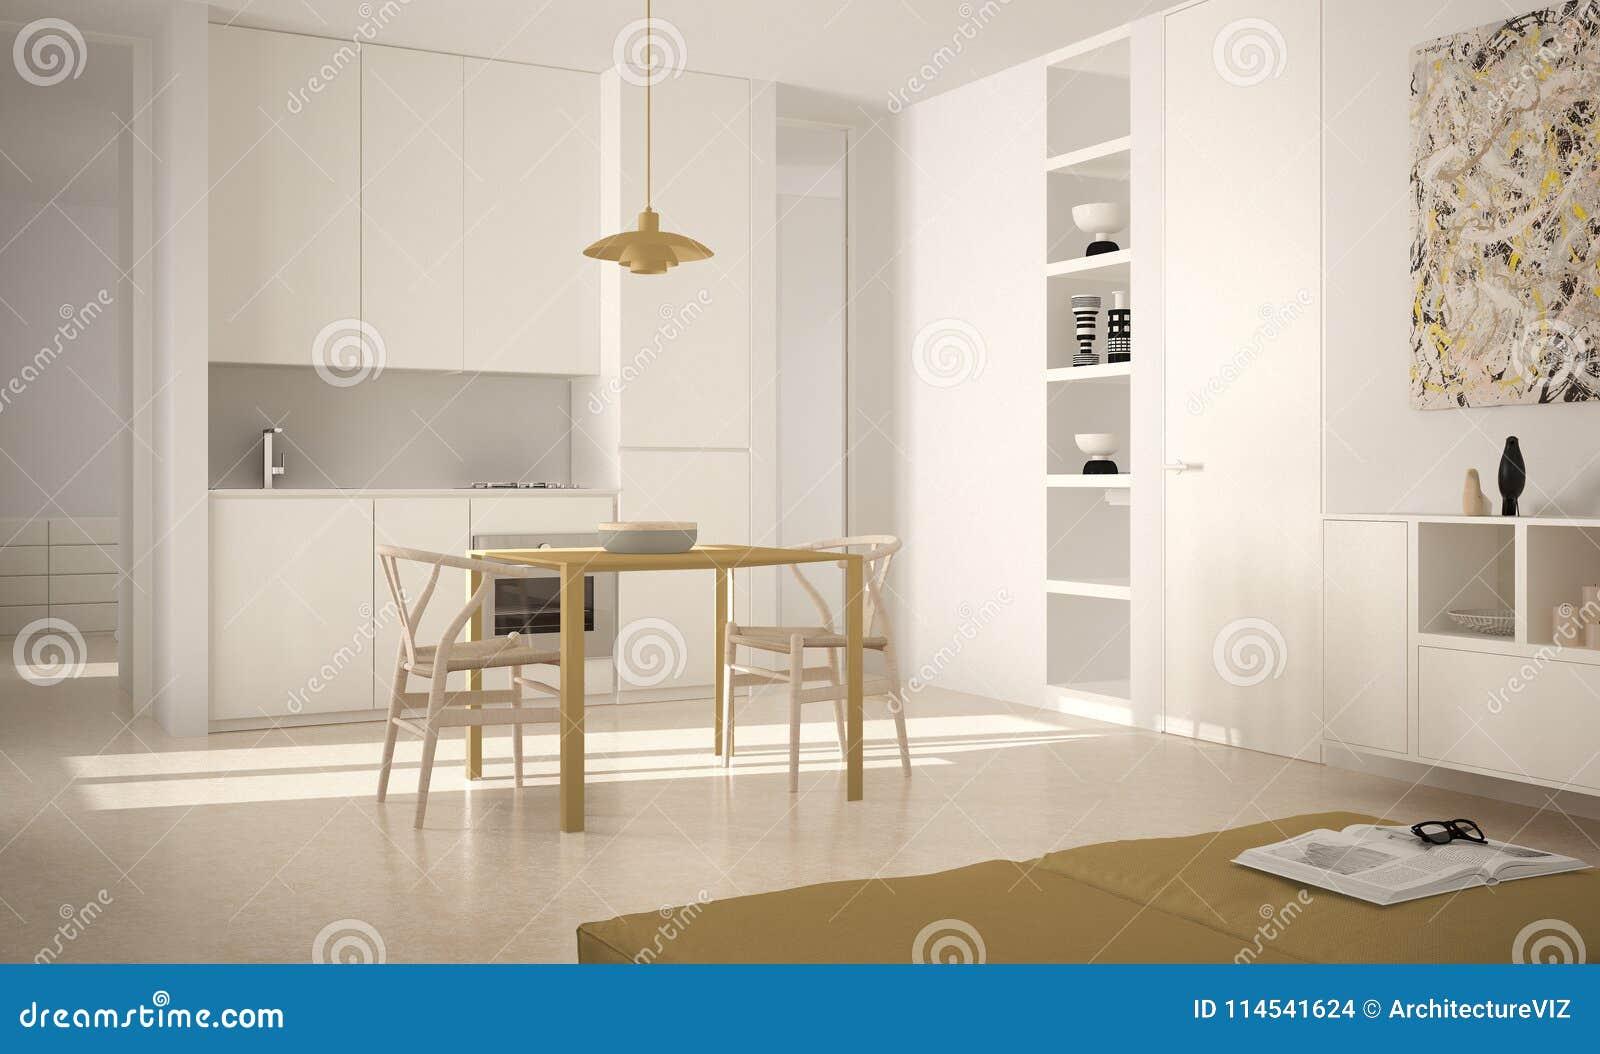 Cocina brillante moderna minimalista con la mesa de comedor y sillas, diseño interior grande de las ventanas, blanca y amarilla d